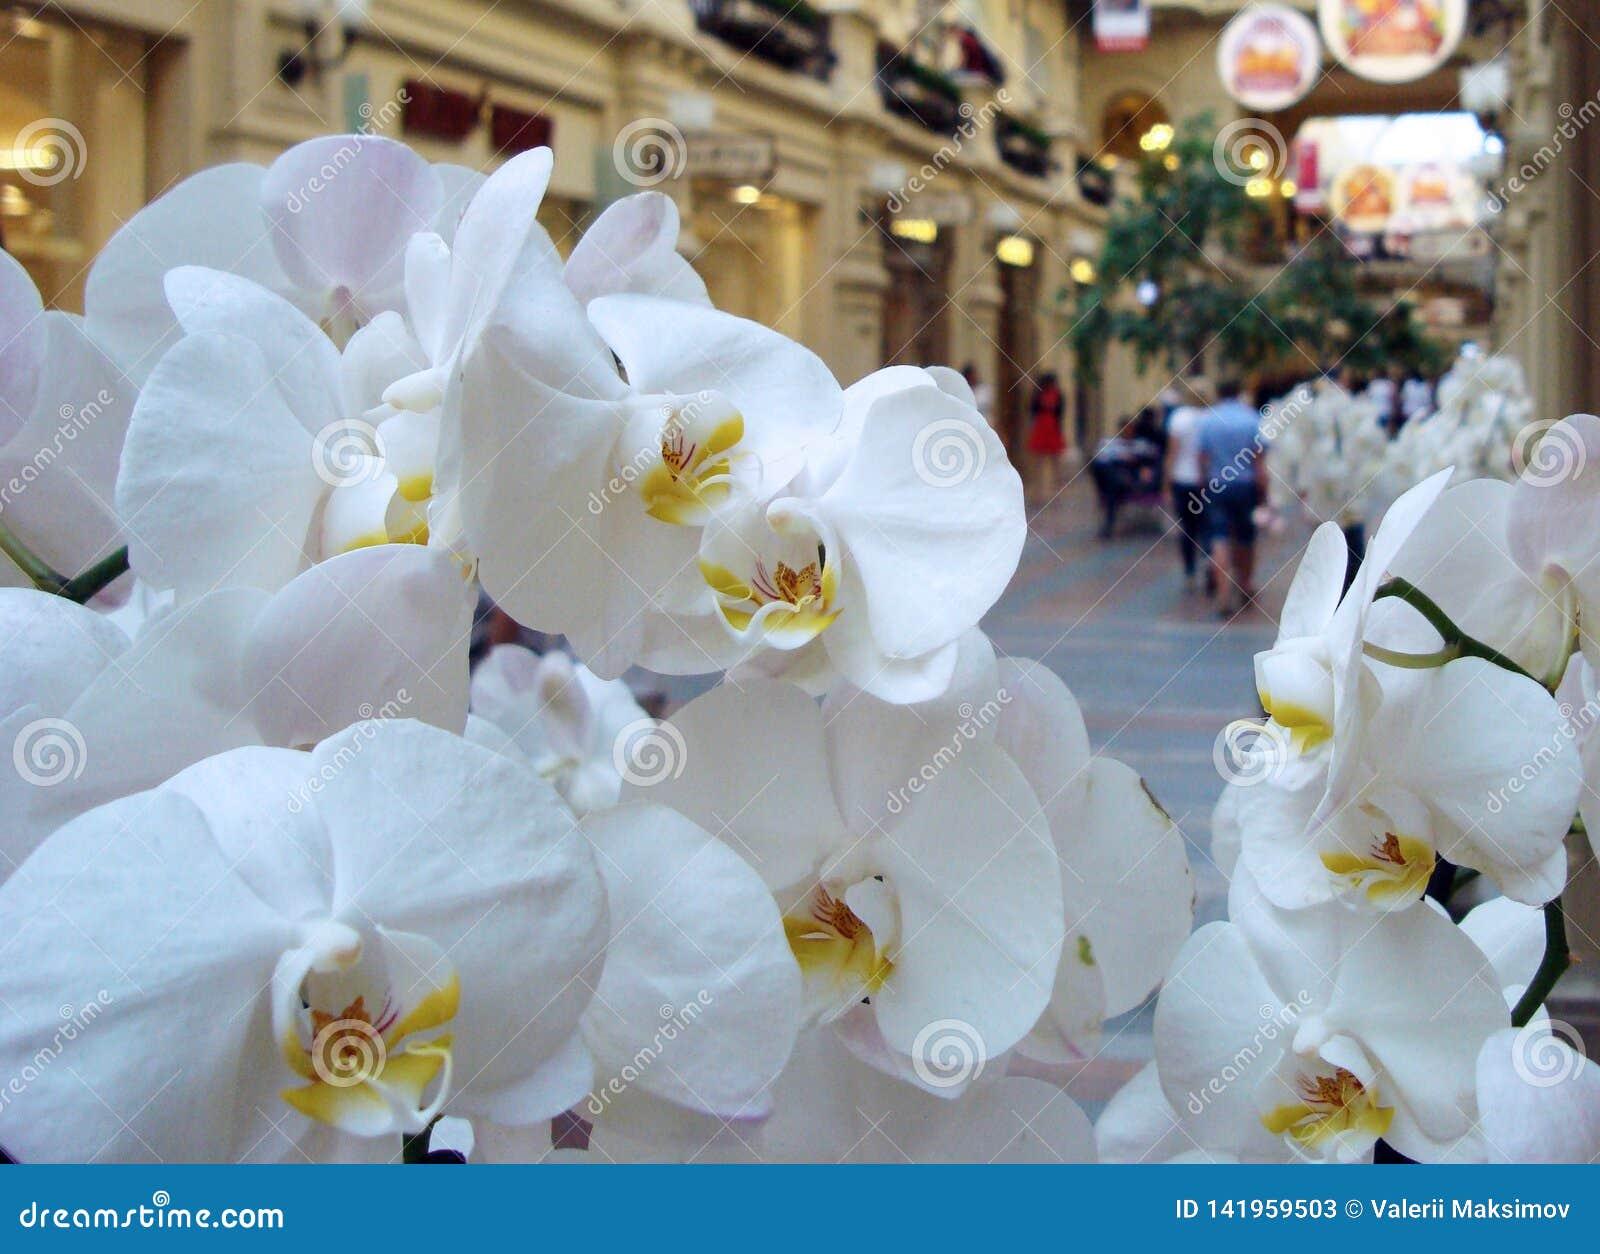 Flores blancas de la orquídea en el fondo de un centro comercial grande